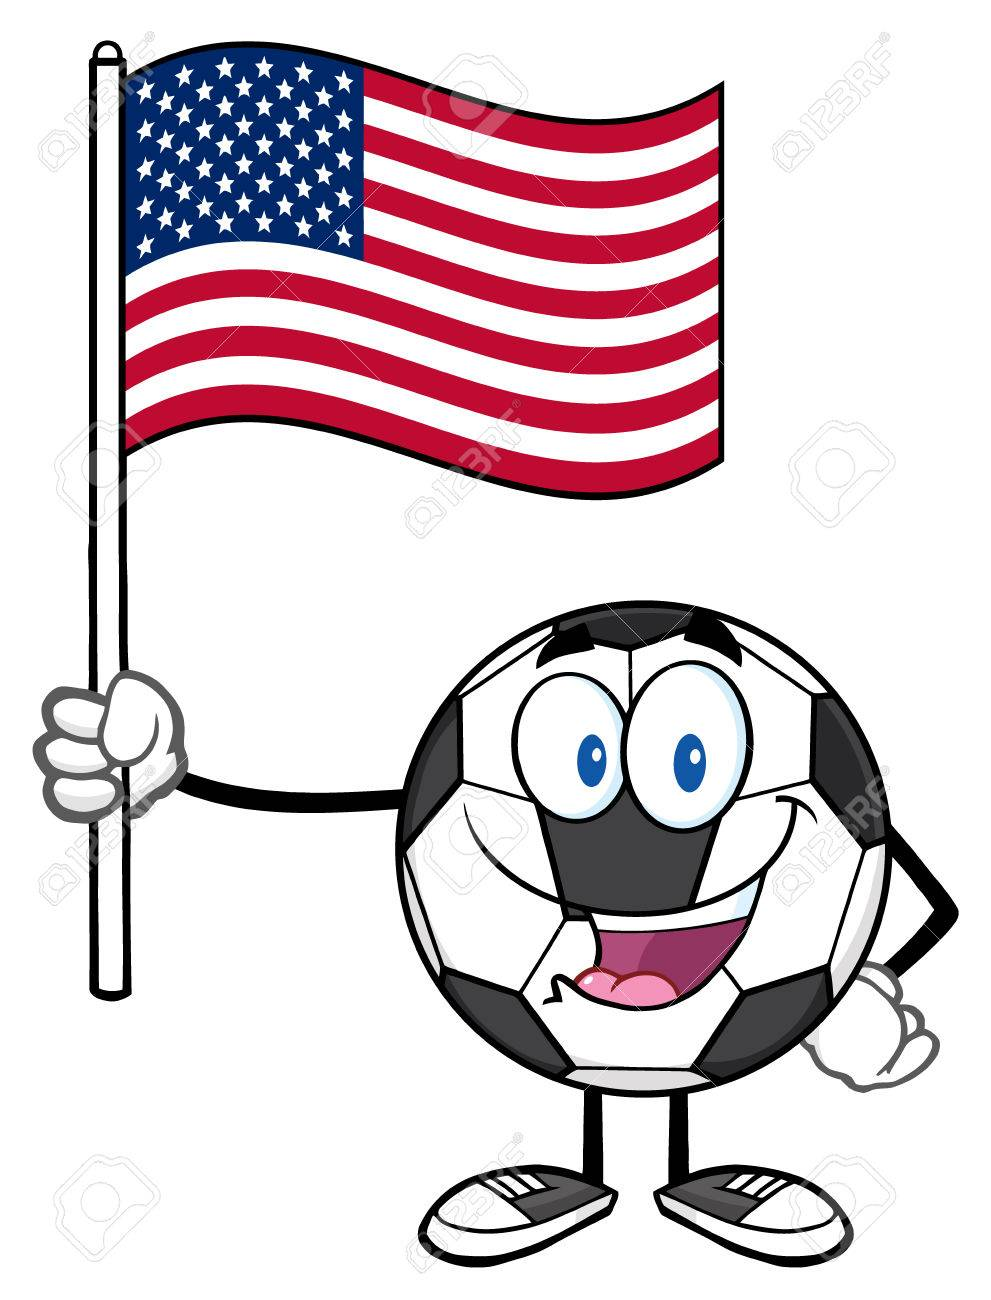 Feliz Personaje De Dibujos Animados Del Balón De Fútbol Con Una Bandera De Los Estados Unidos